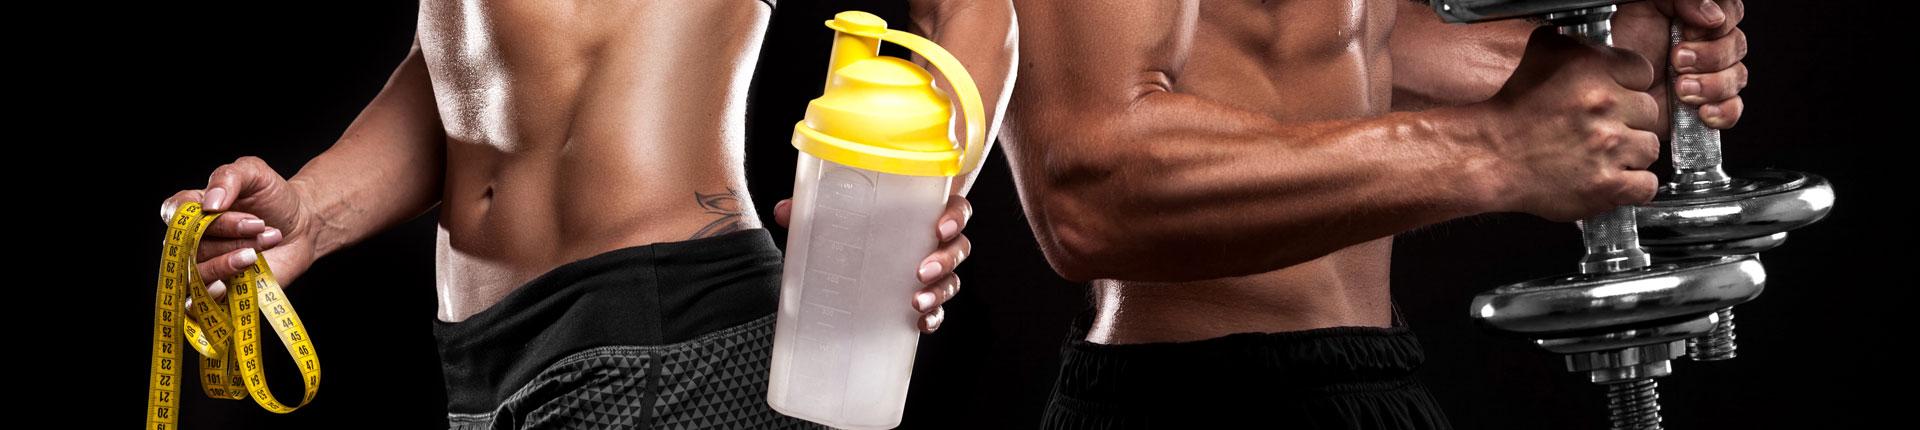 Wysokie spożycie białka wpływa na odchudzanie?